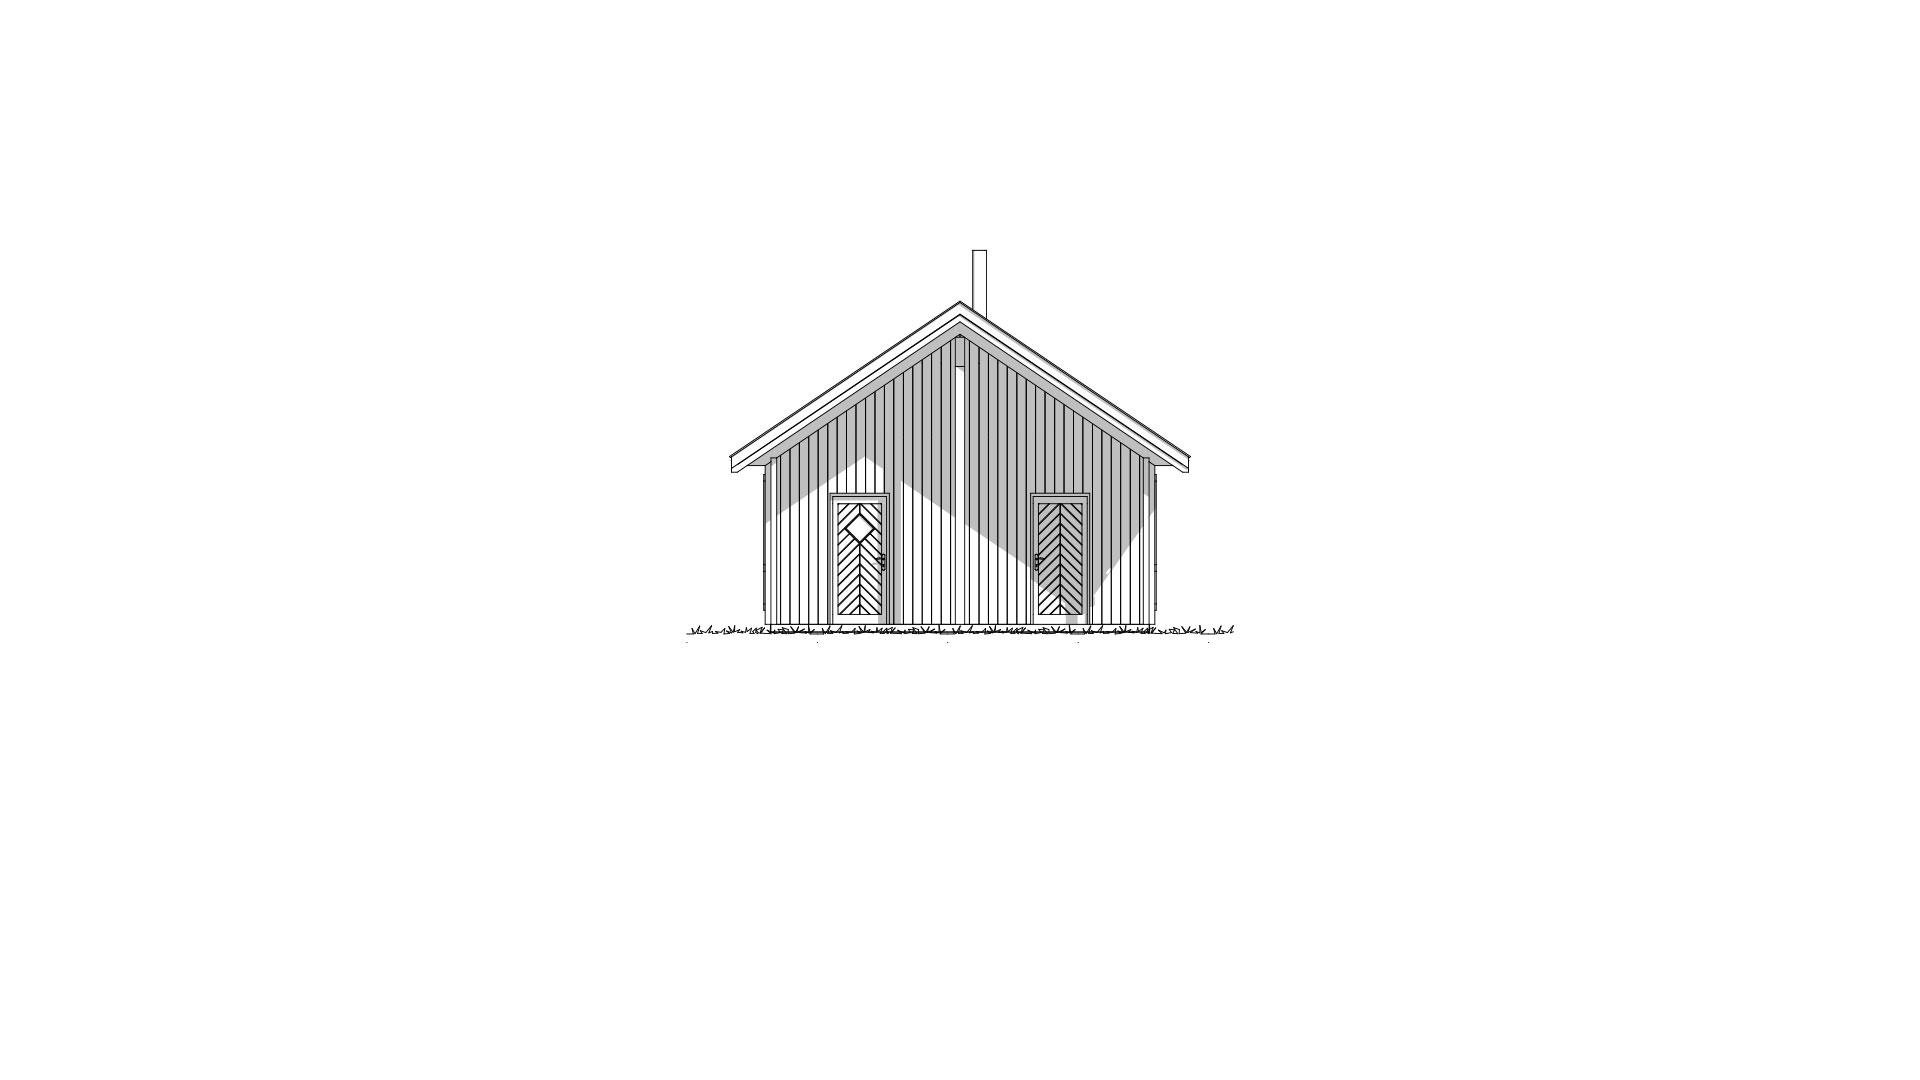 Fjellvang-Tradisjon_fasade1.jpg